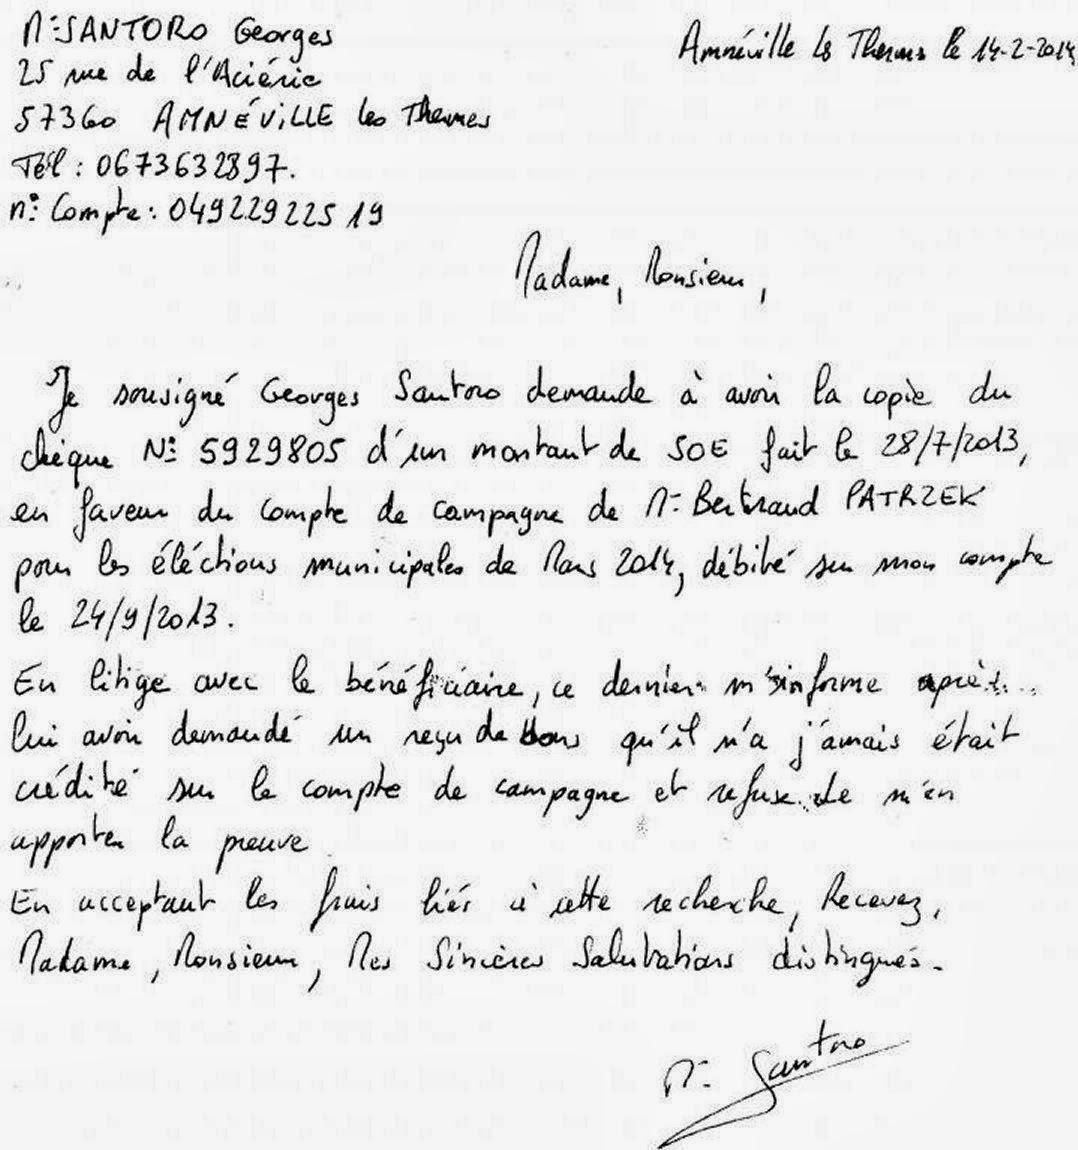 lettre de demission manuscrite ou informatique Amnéville Résistance: Renaissance l'excellence continue lettre de demission manuscrite ou informatique